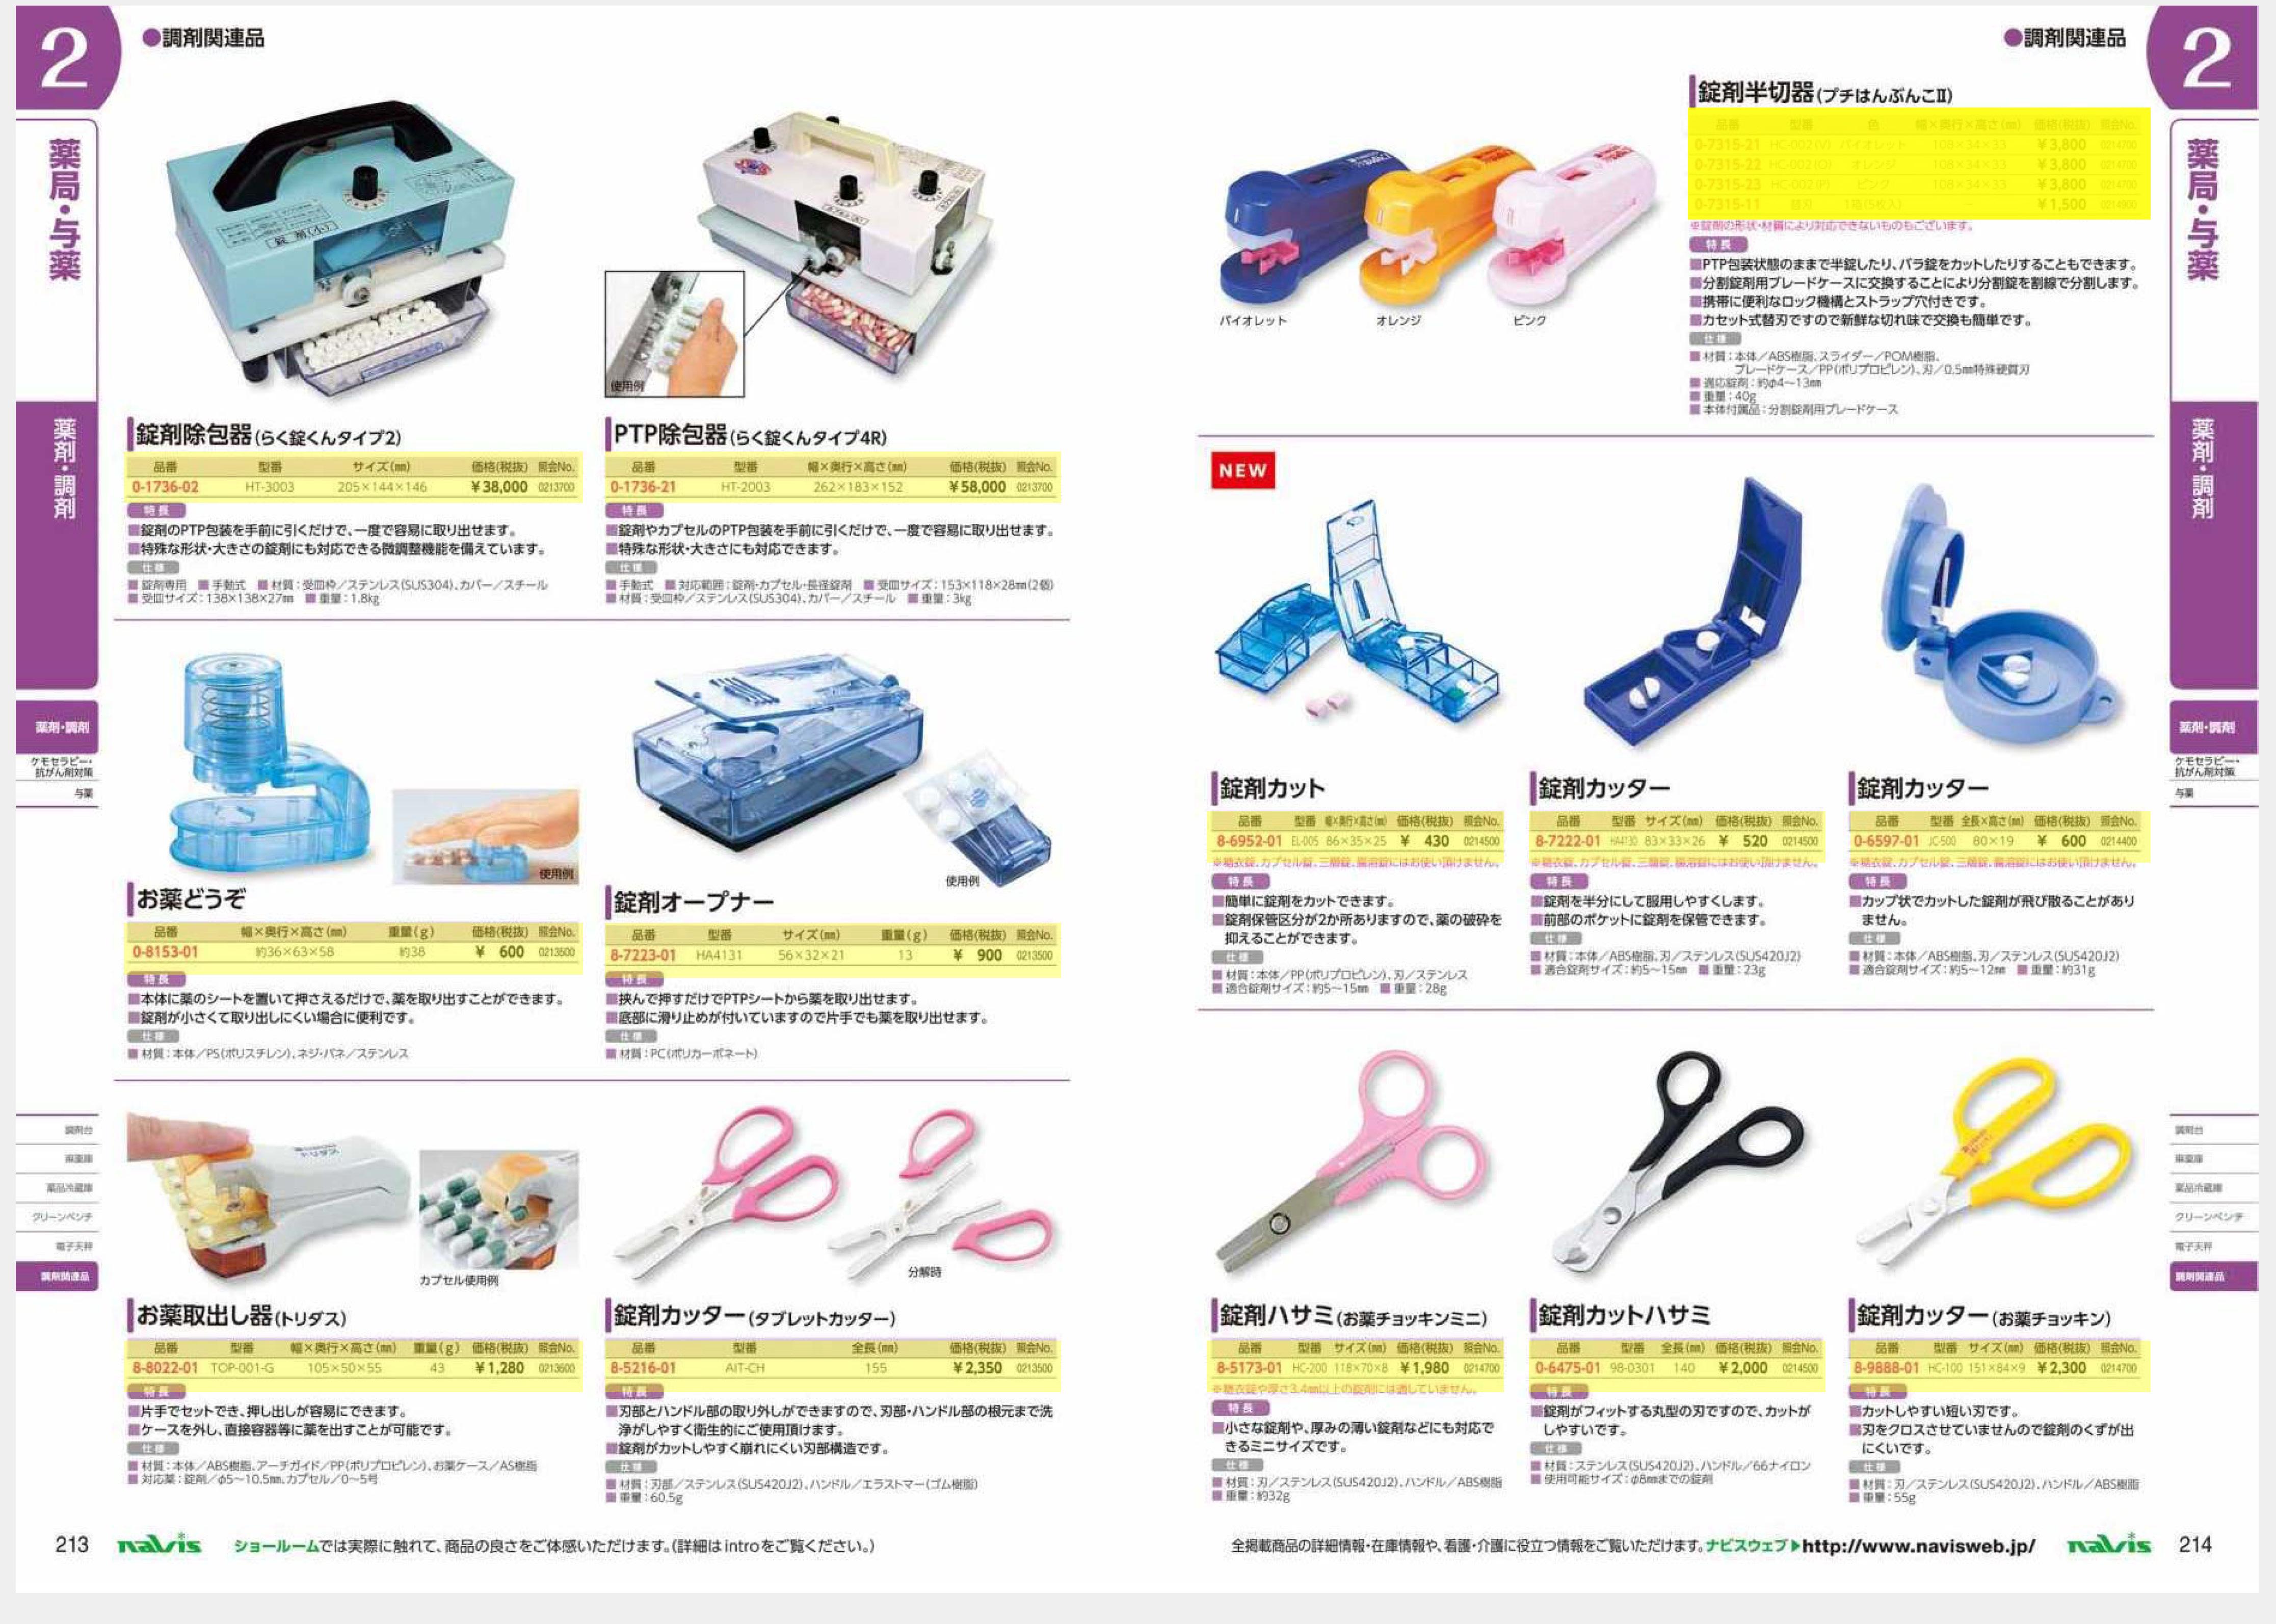 ナビス50000 0-6475-01 錠剤カットハサミ 140mm[個](as1-0-6475-01)